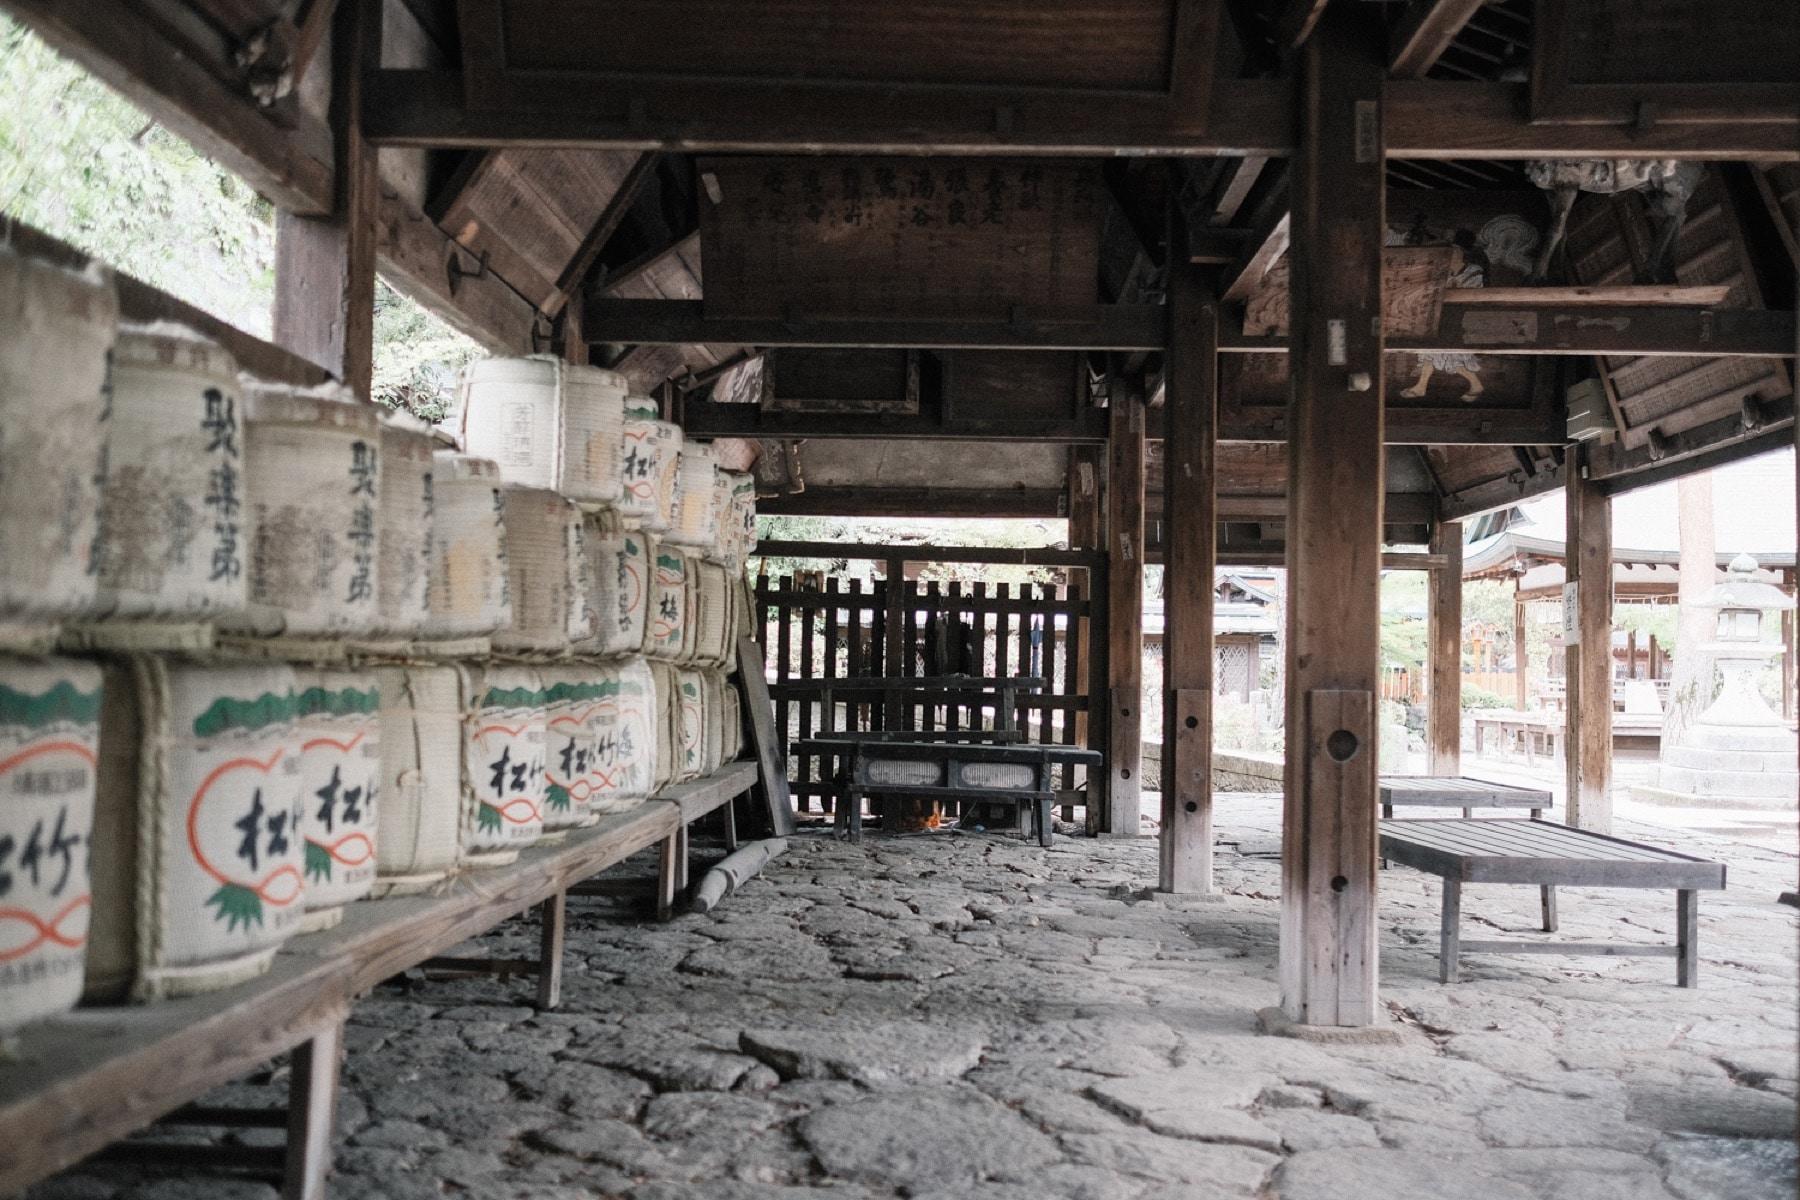 Kinlake-Kyoto-Lifestyle-2018-7902